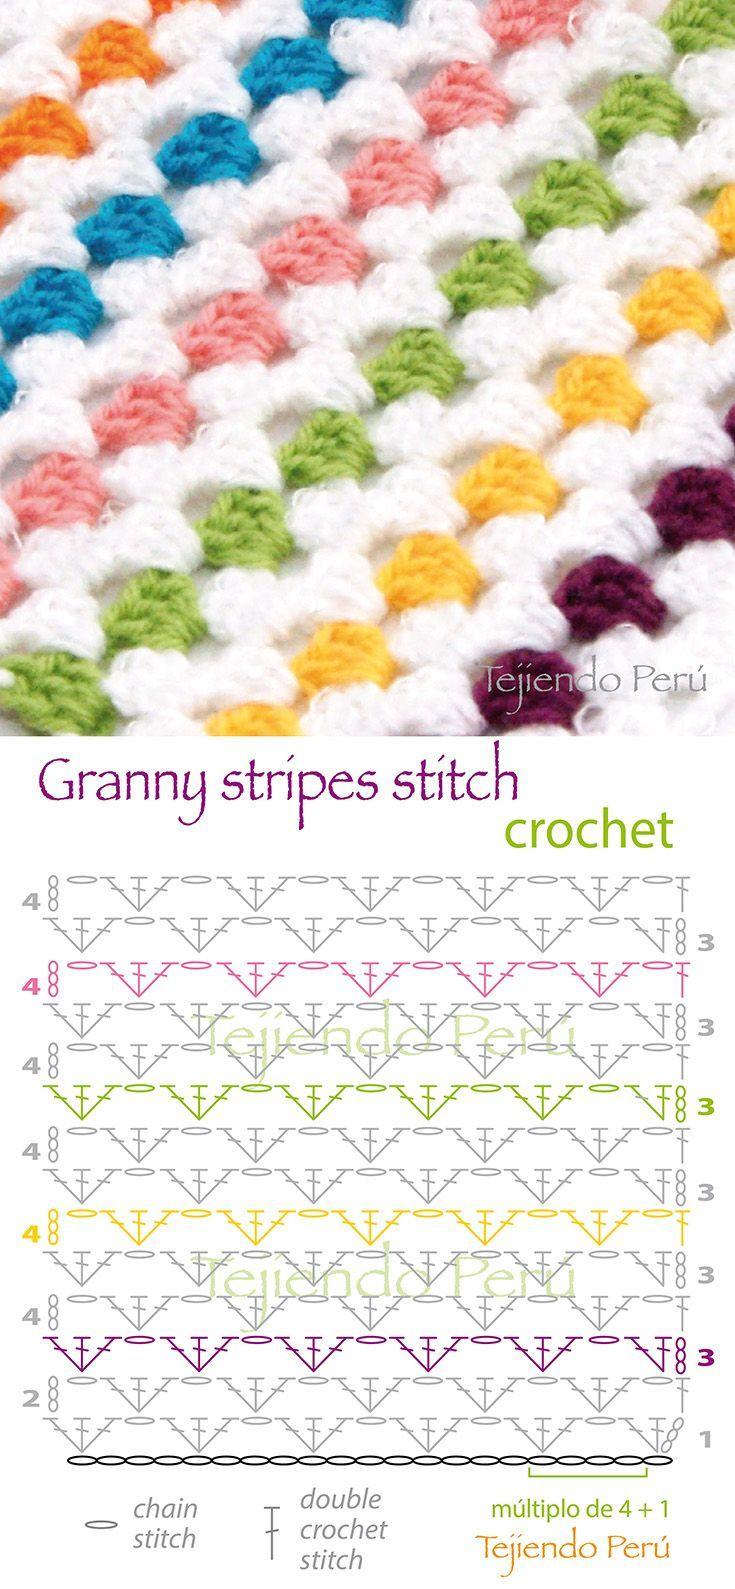 Ergahandmade Crochet Stitches Diagrams Arte Que Adoro Diagram